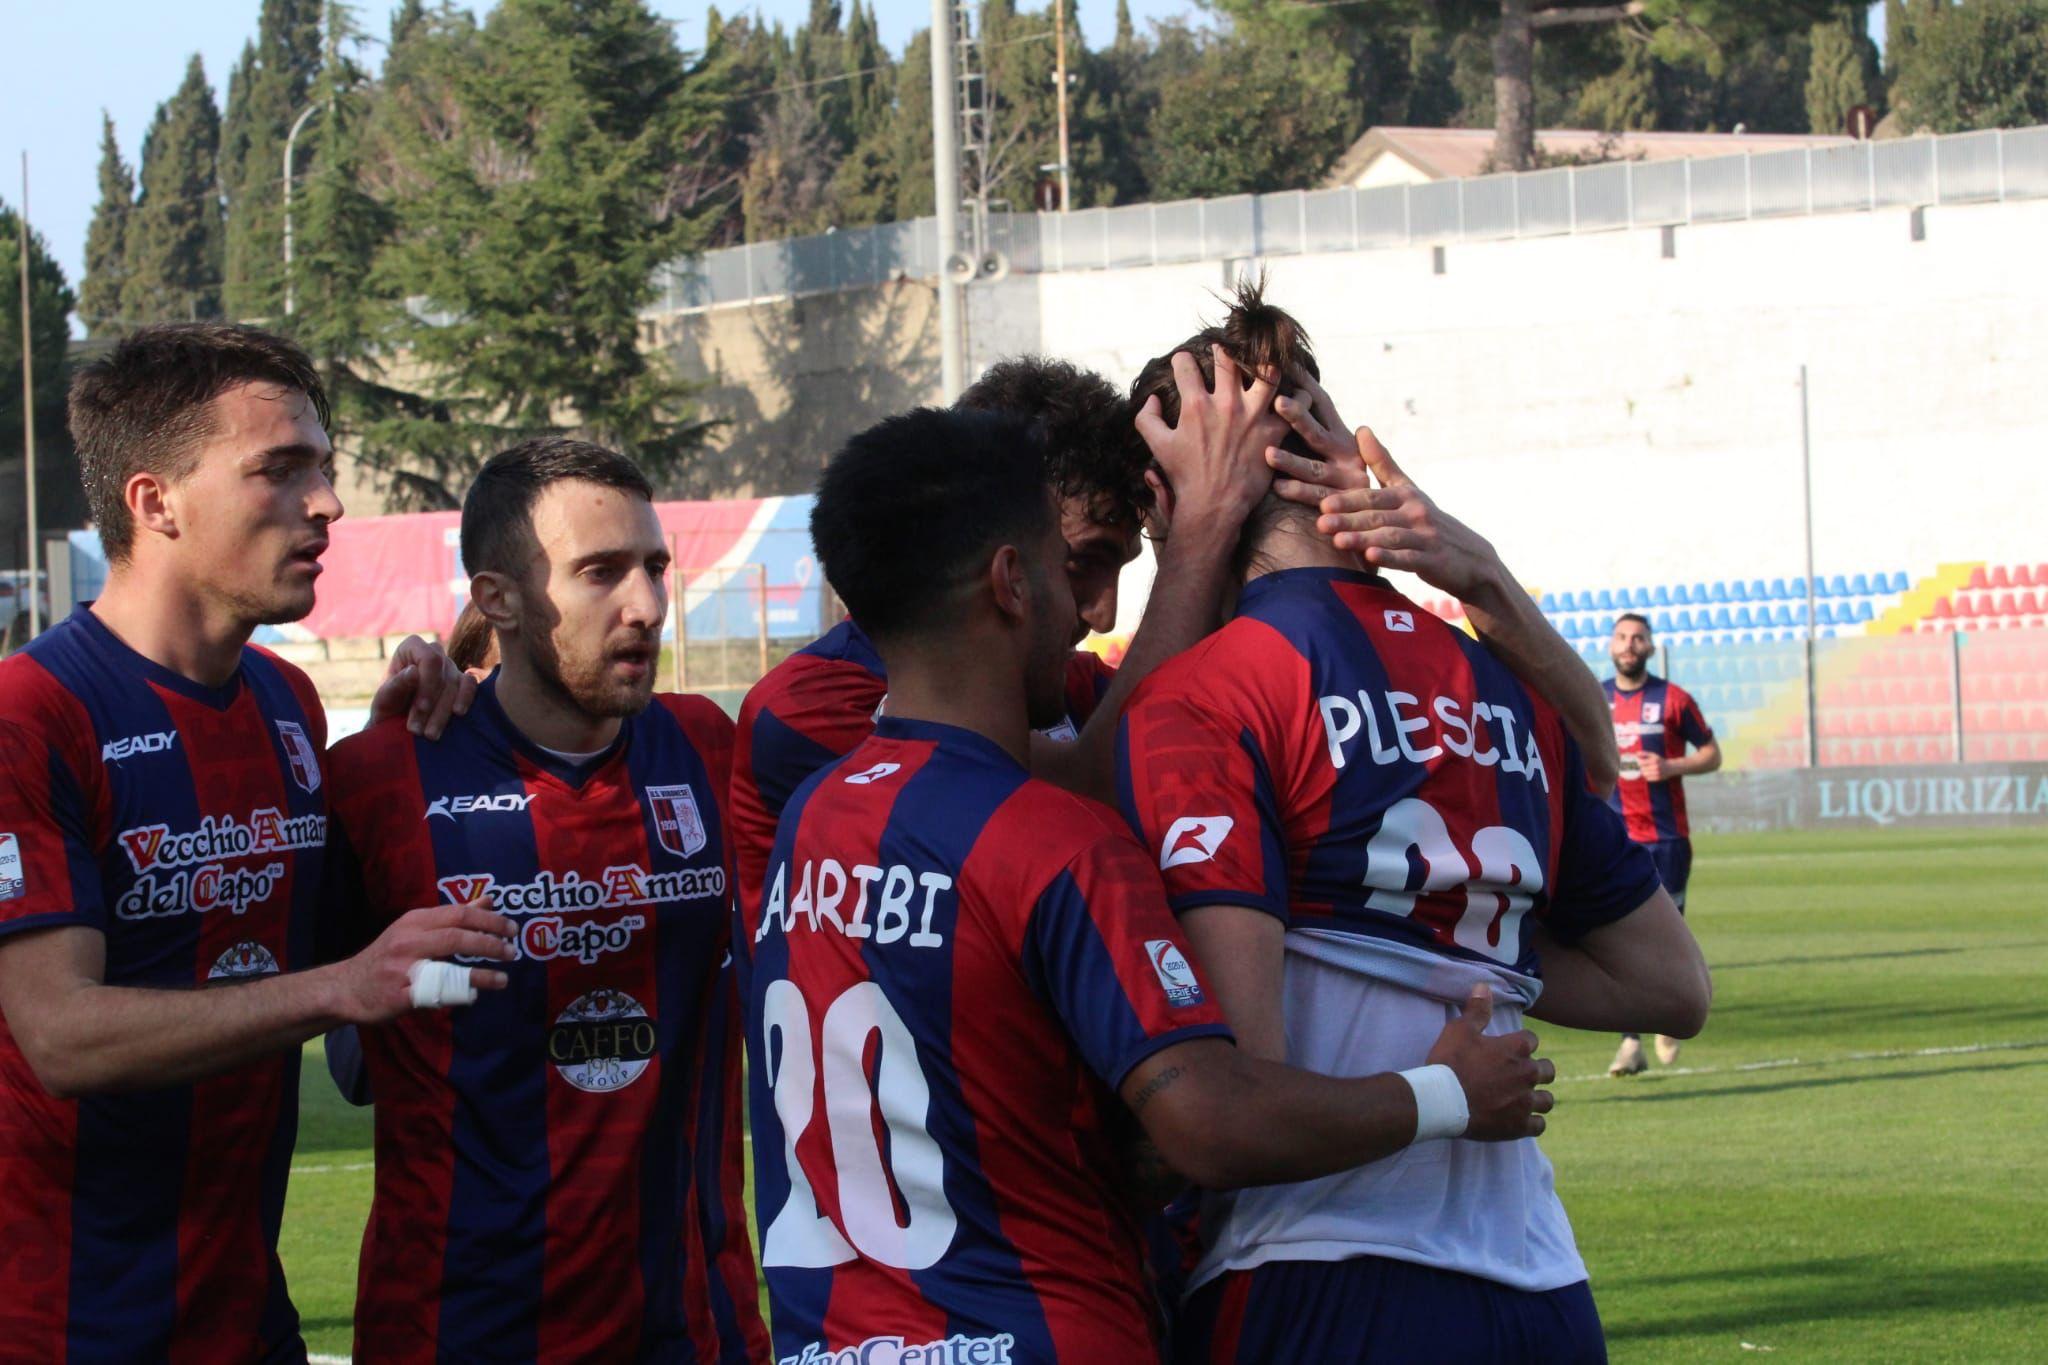 VIBONESE - CATANIA 1-1 | Il tabellino del match immagine 16890 US Vibonese Calcio